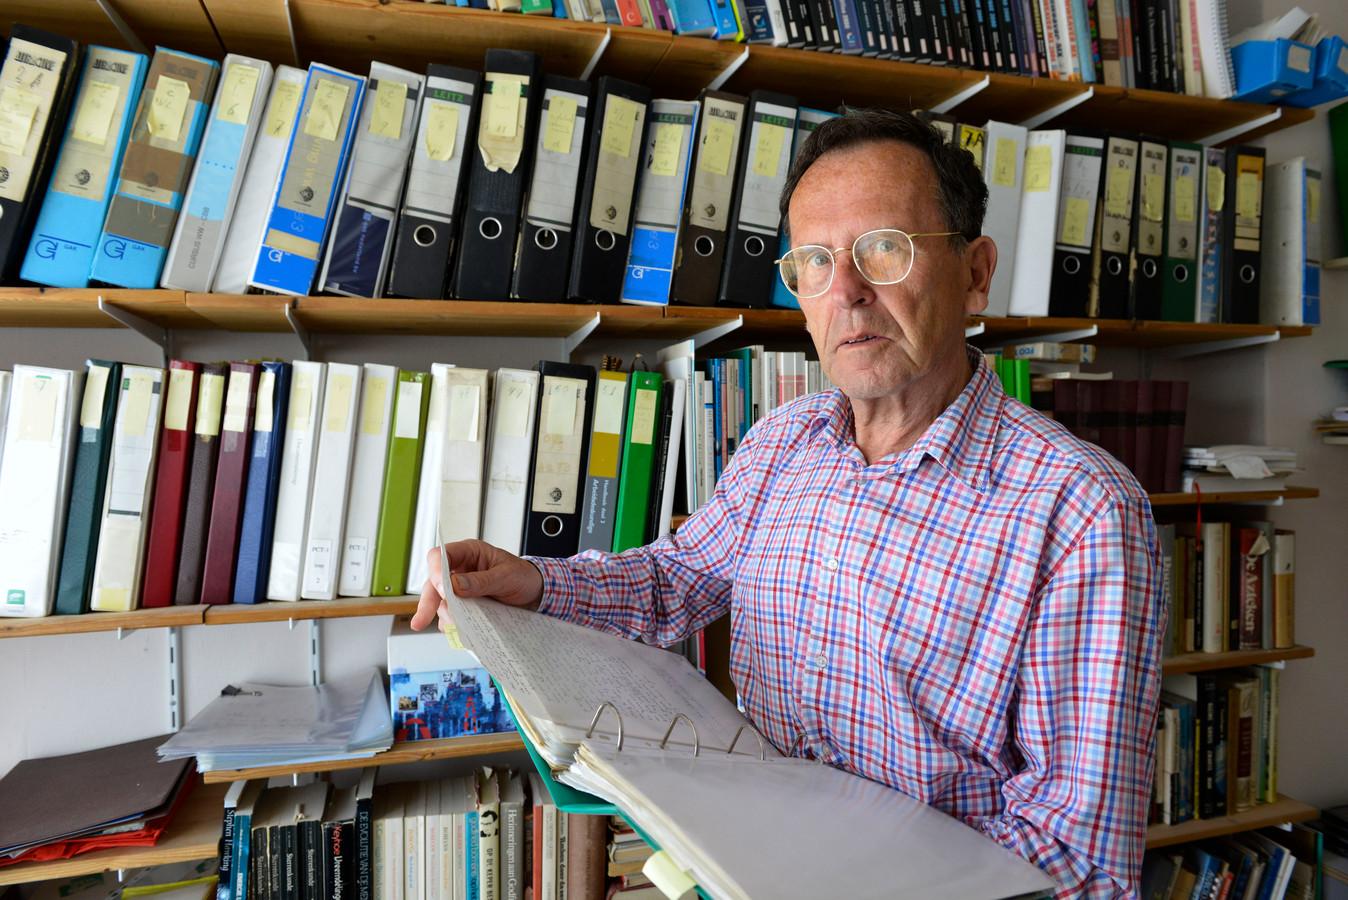 Frits Veerman onthulde in de jaren 70 een spionage bij Urenco Almelo; Pakistan kon daardoor een atoombom maken.